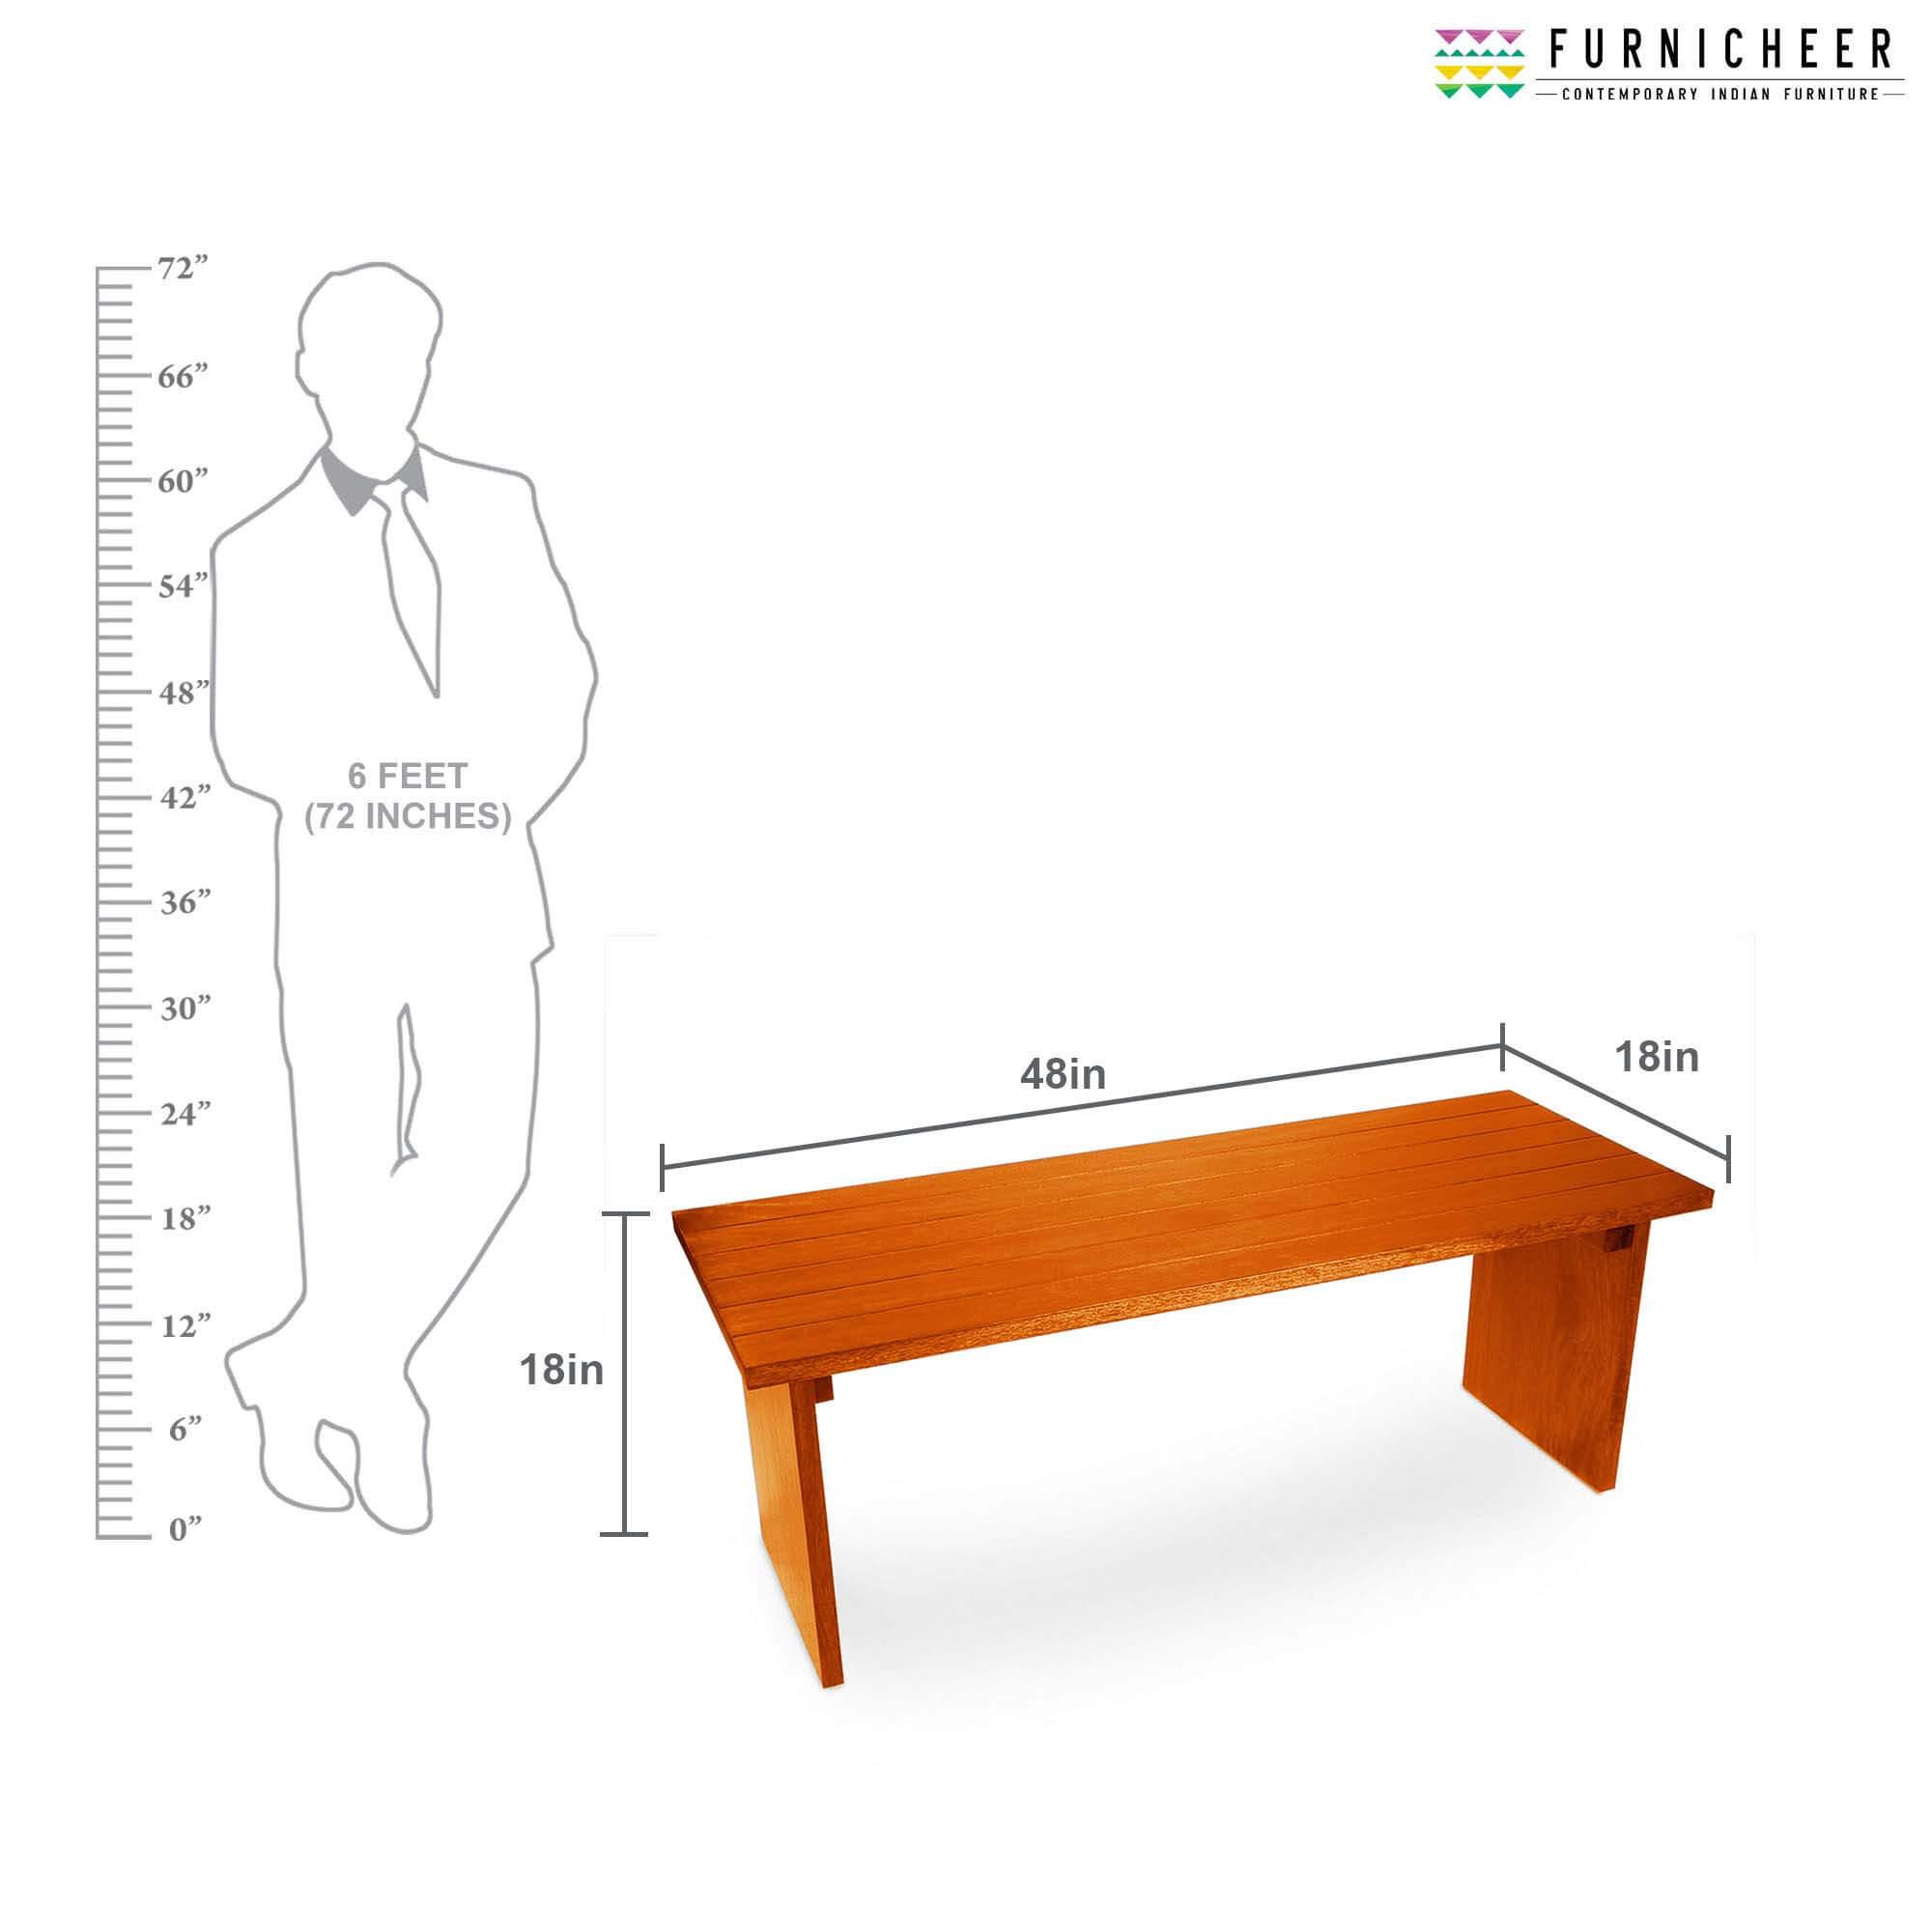 Bench BNAP2101-1